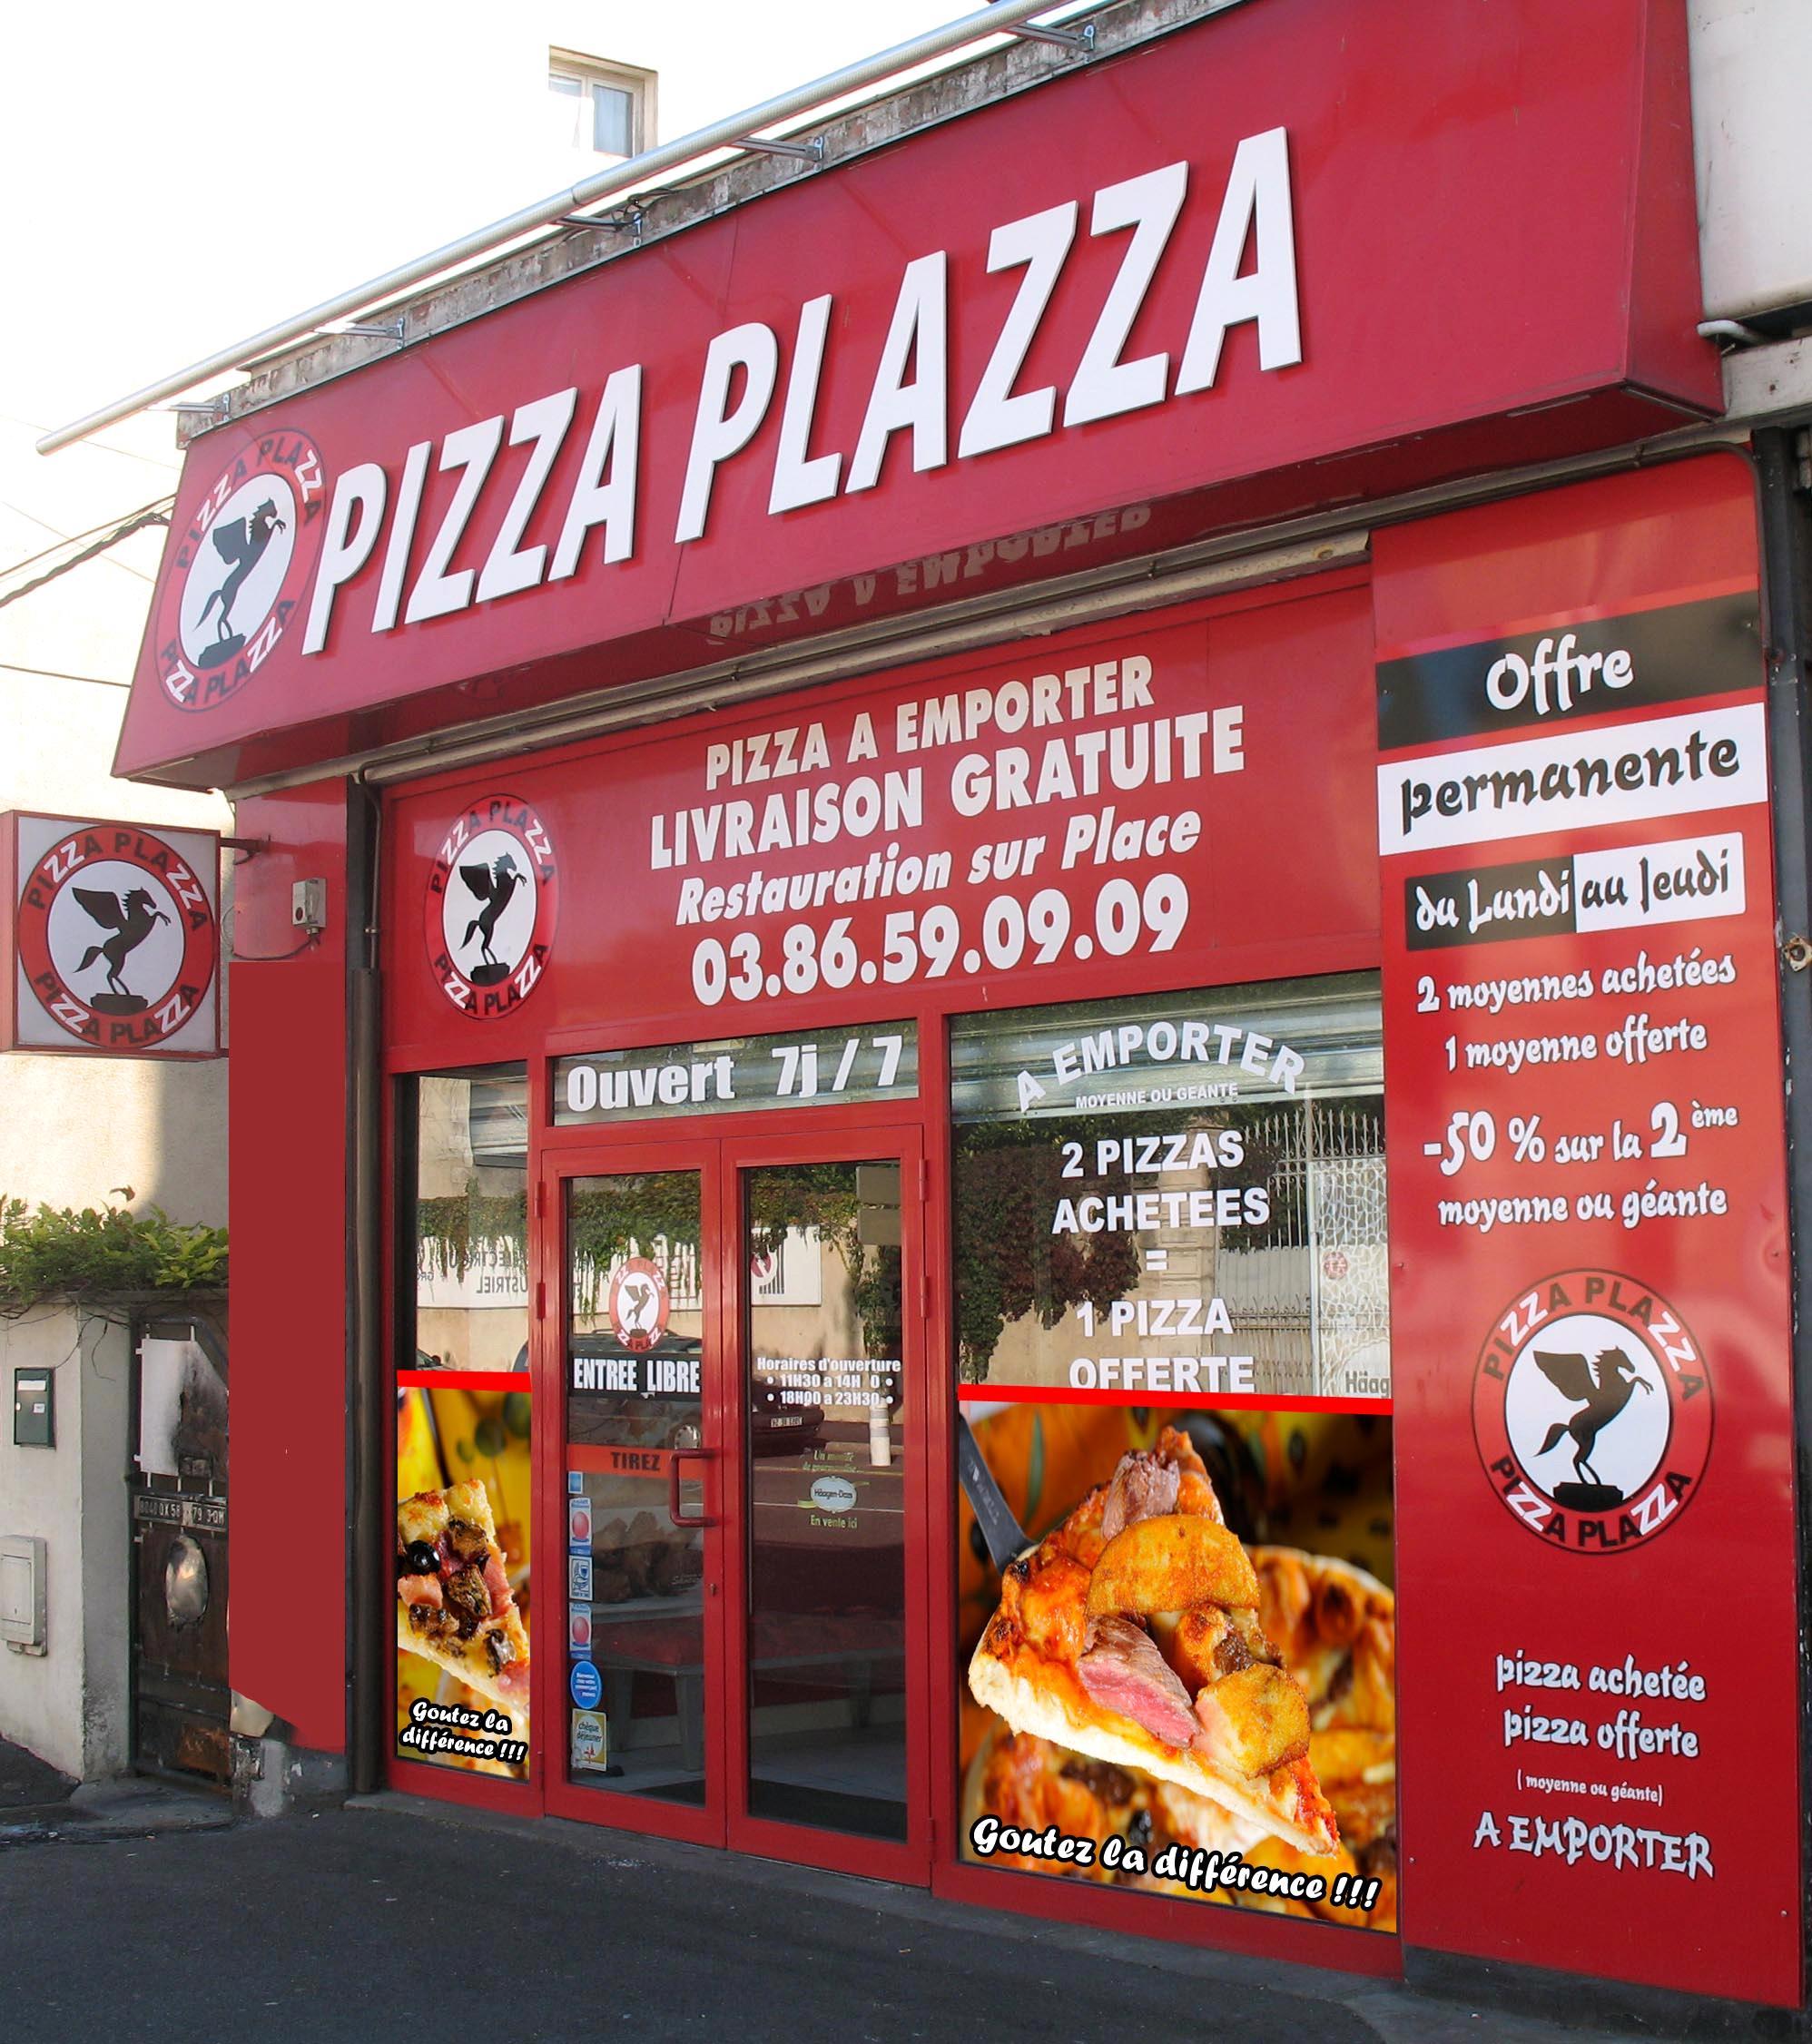 [Jeu] Suite d'images !  - Page 30 Franchise-pizza-plazza-nevers